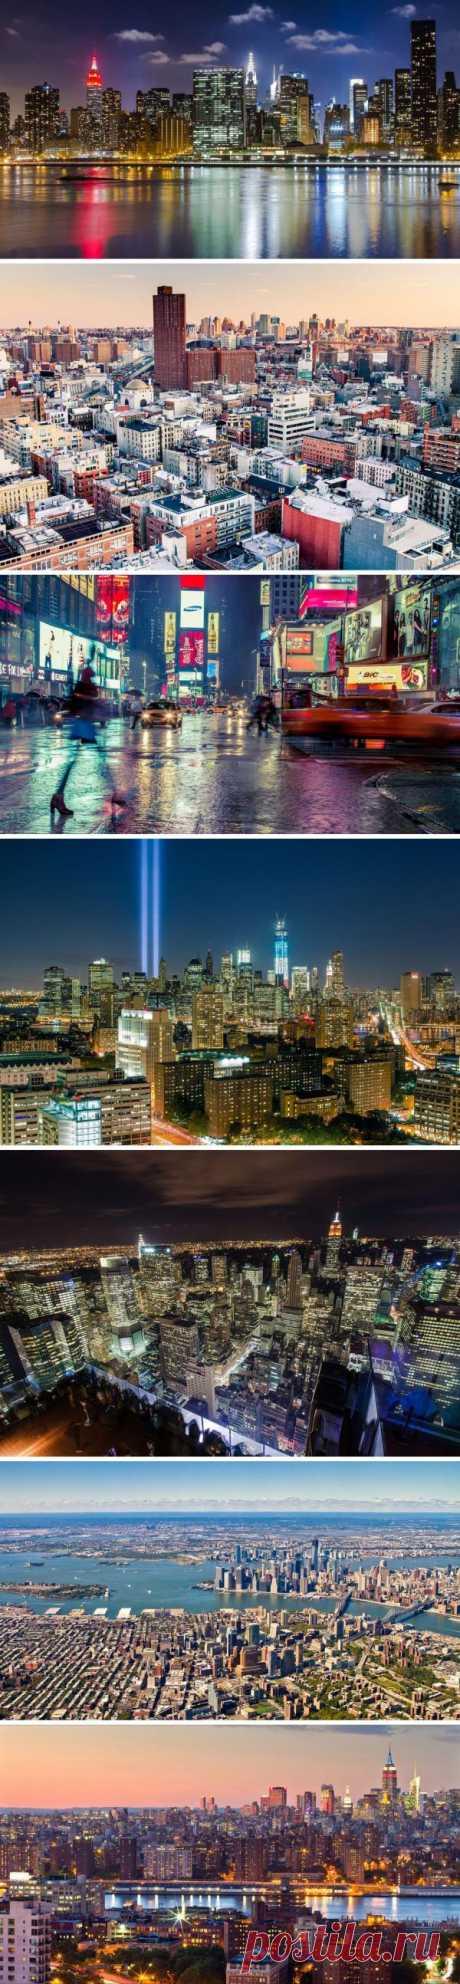 Многие годы люди со всего мира вдохновляются этими образами и величием архитектуры этого города. Сердце Нью-Йорка – Манхэттен, США